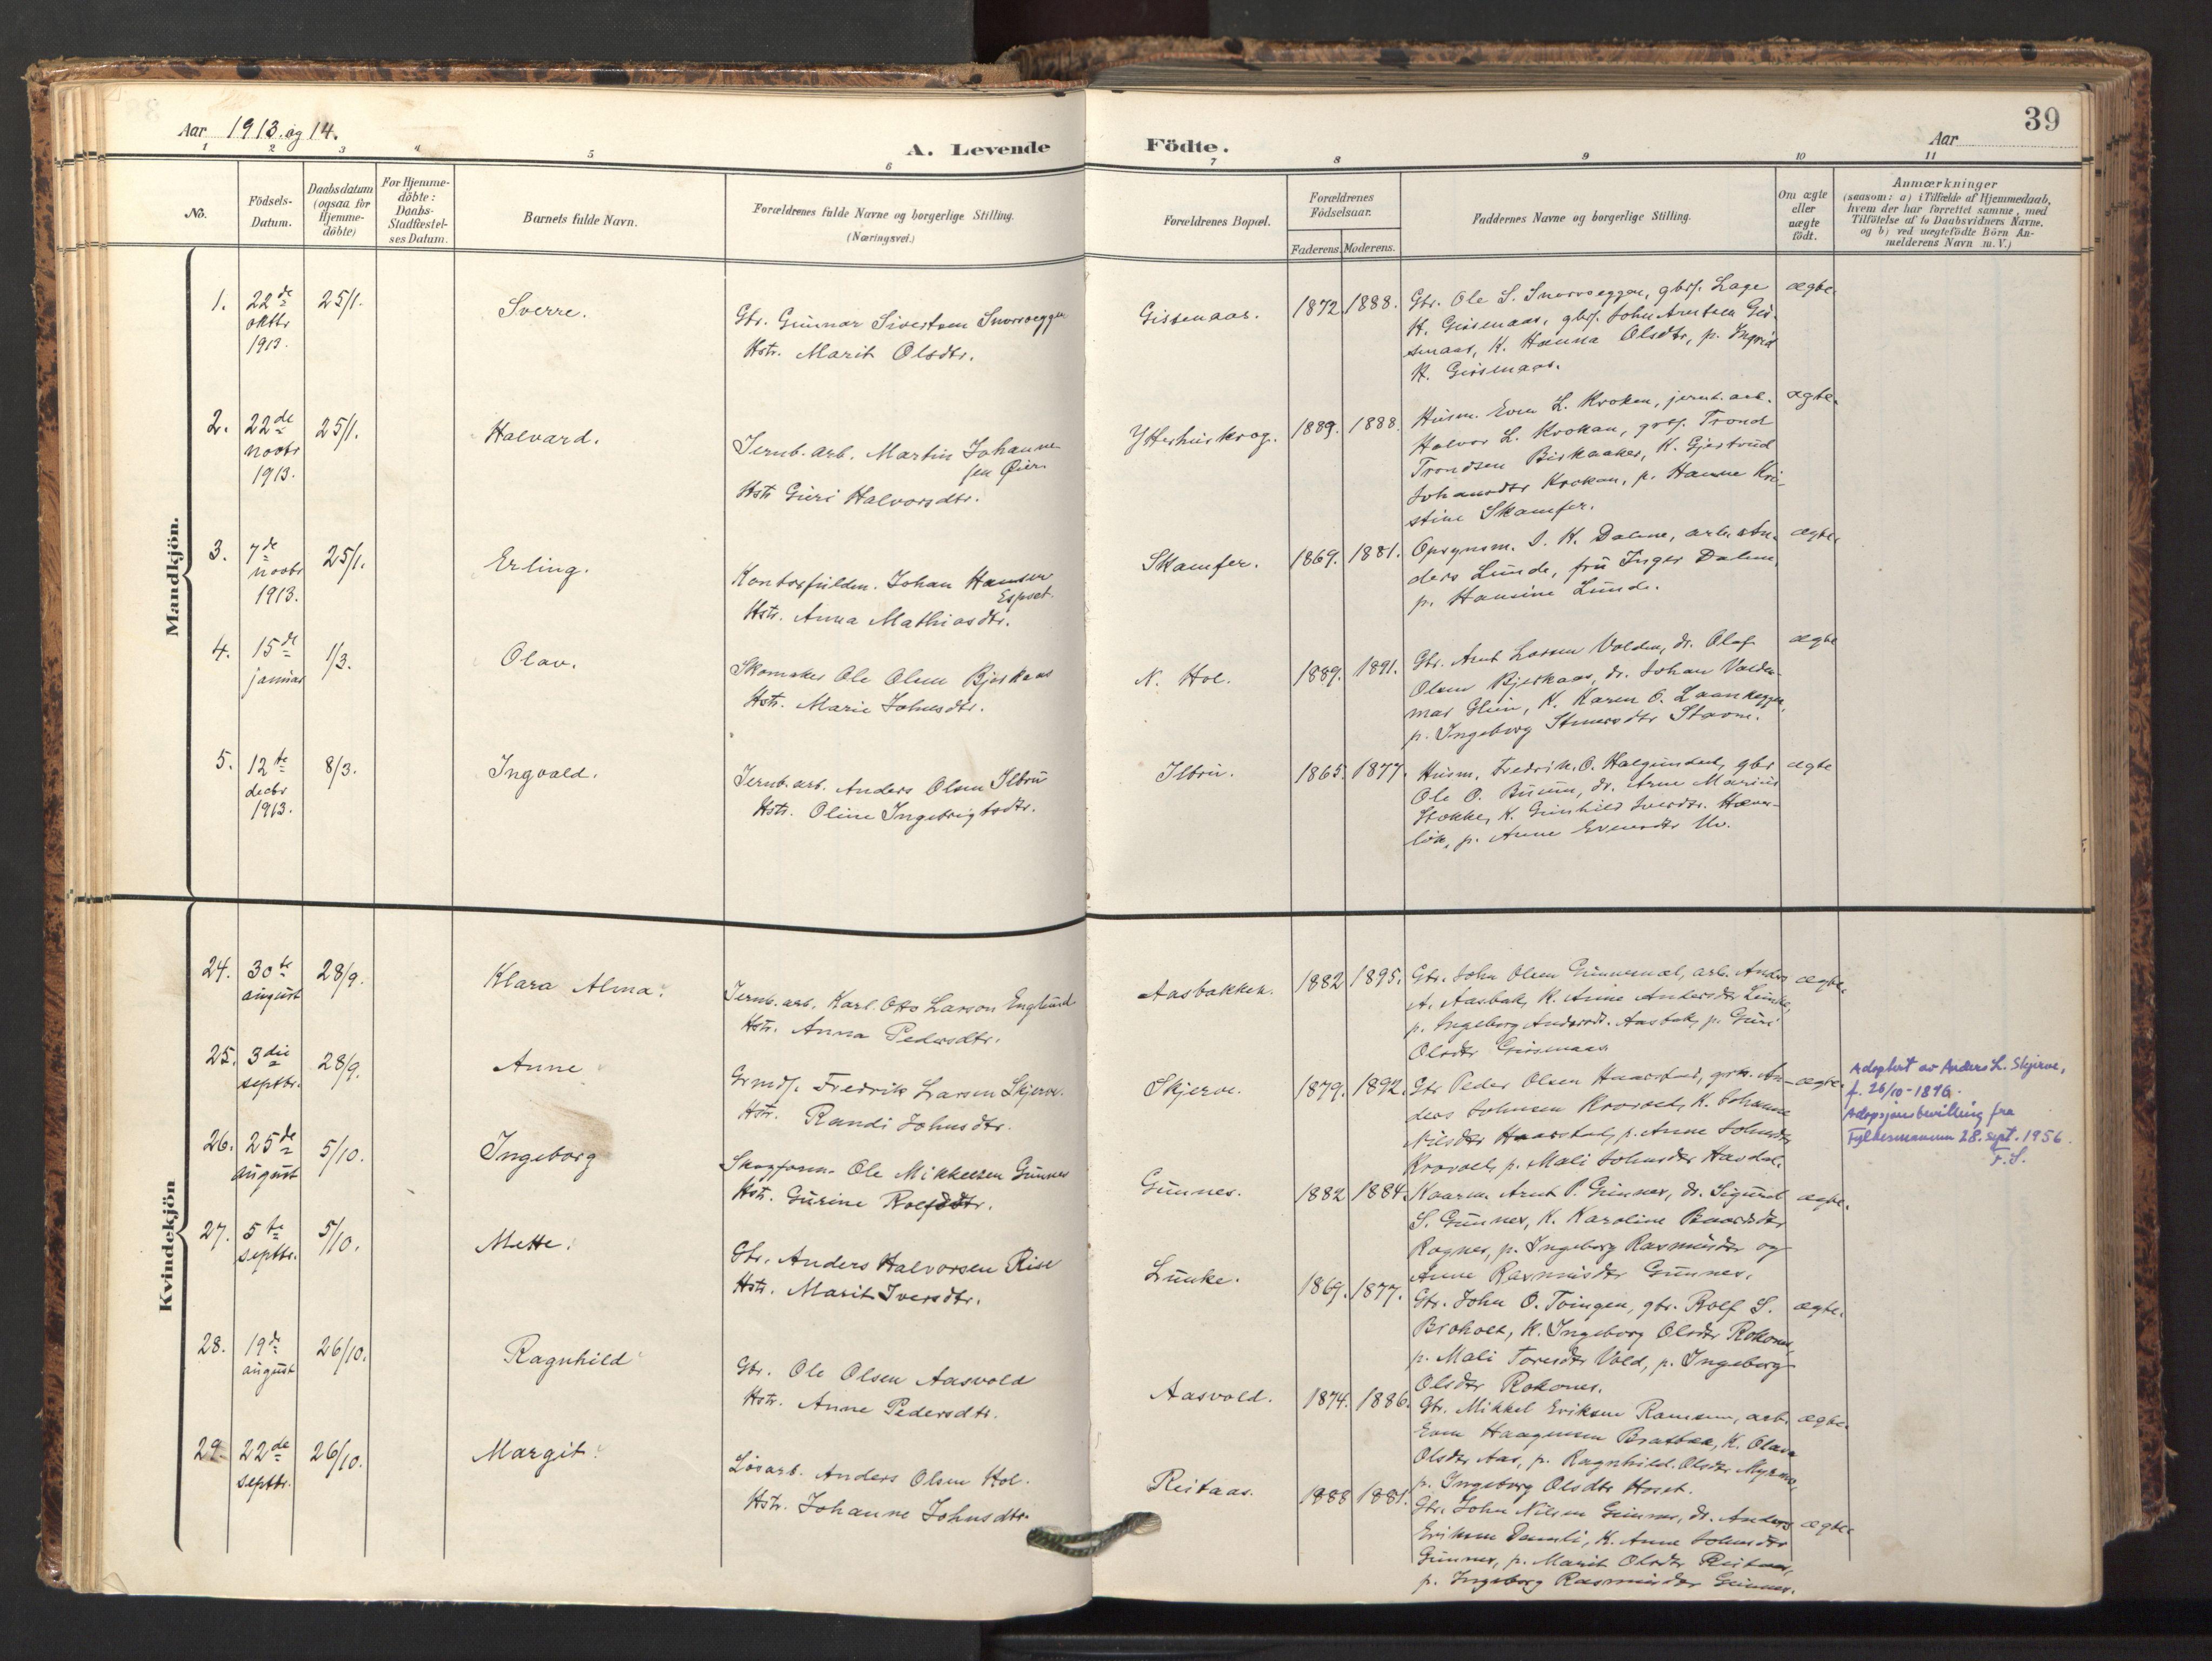 SAT, Ministerialprotokoller, klokkerbøker og fødselsregistre - Sør-Trøndelag, 674/L0873: Ministerialbok nr. 674A05, 1908-1923, s. 39